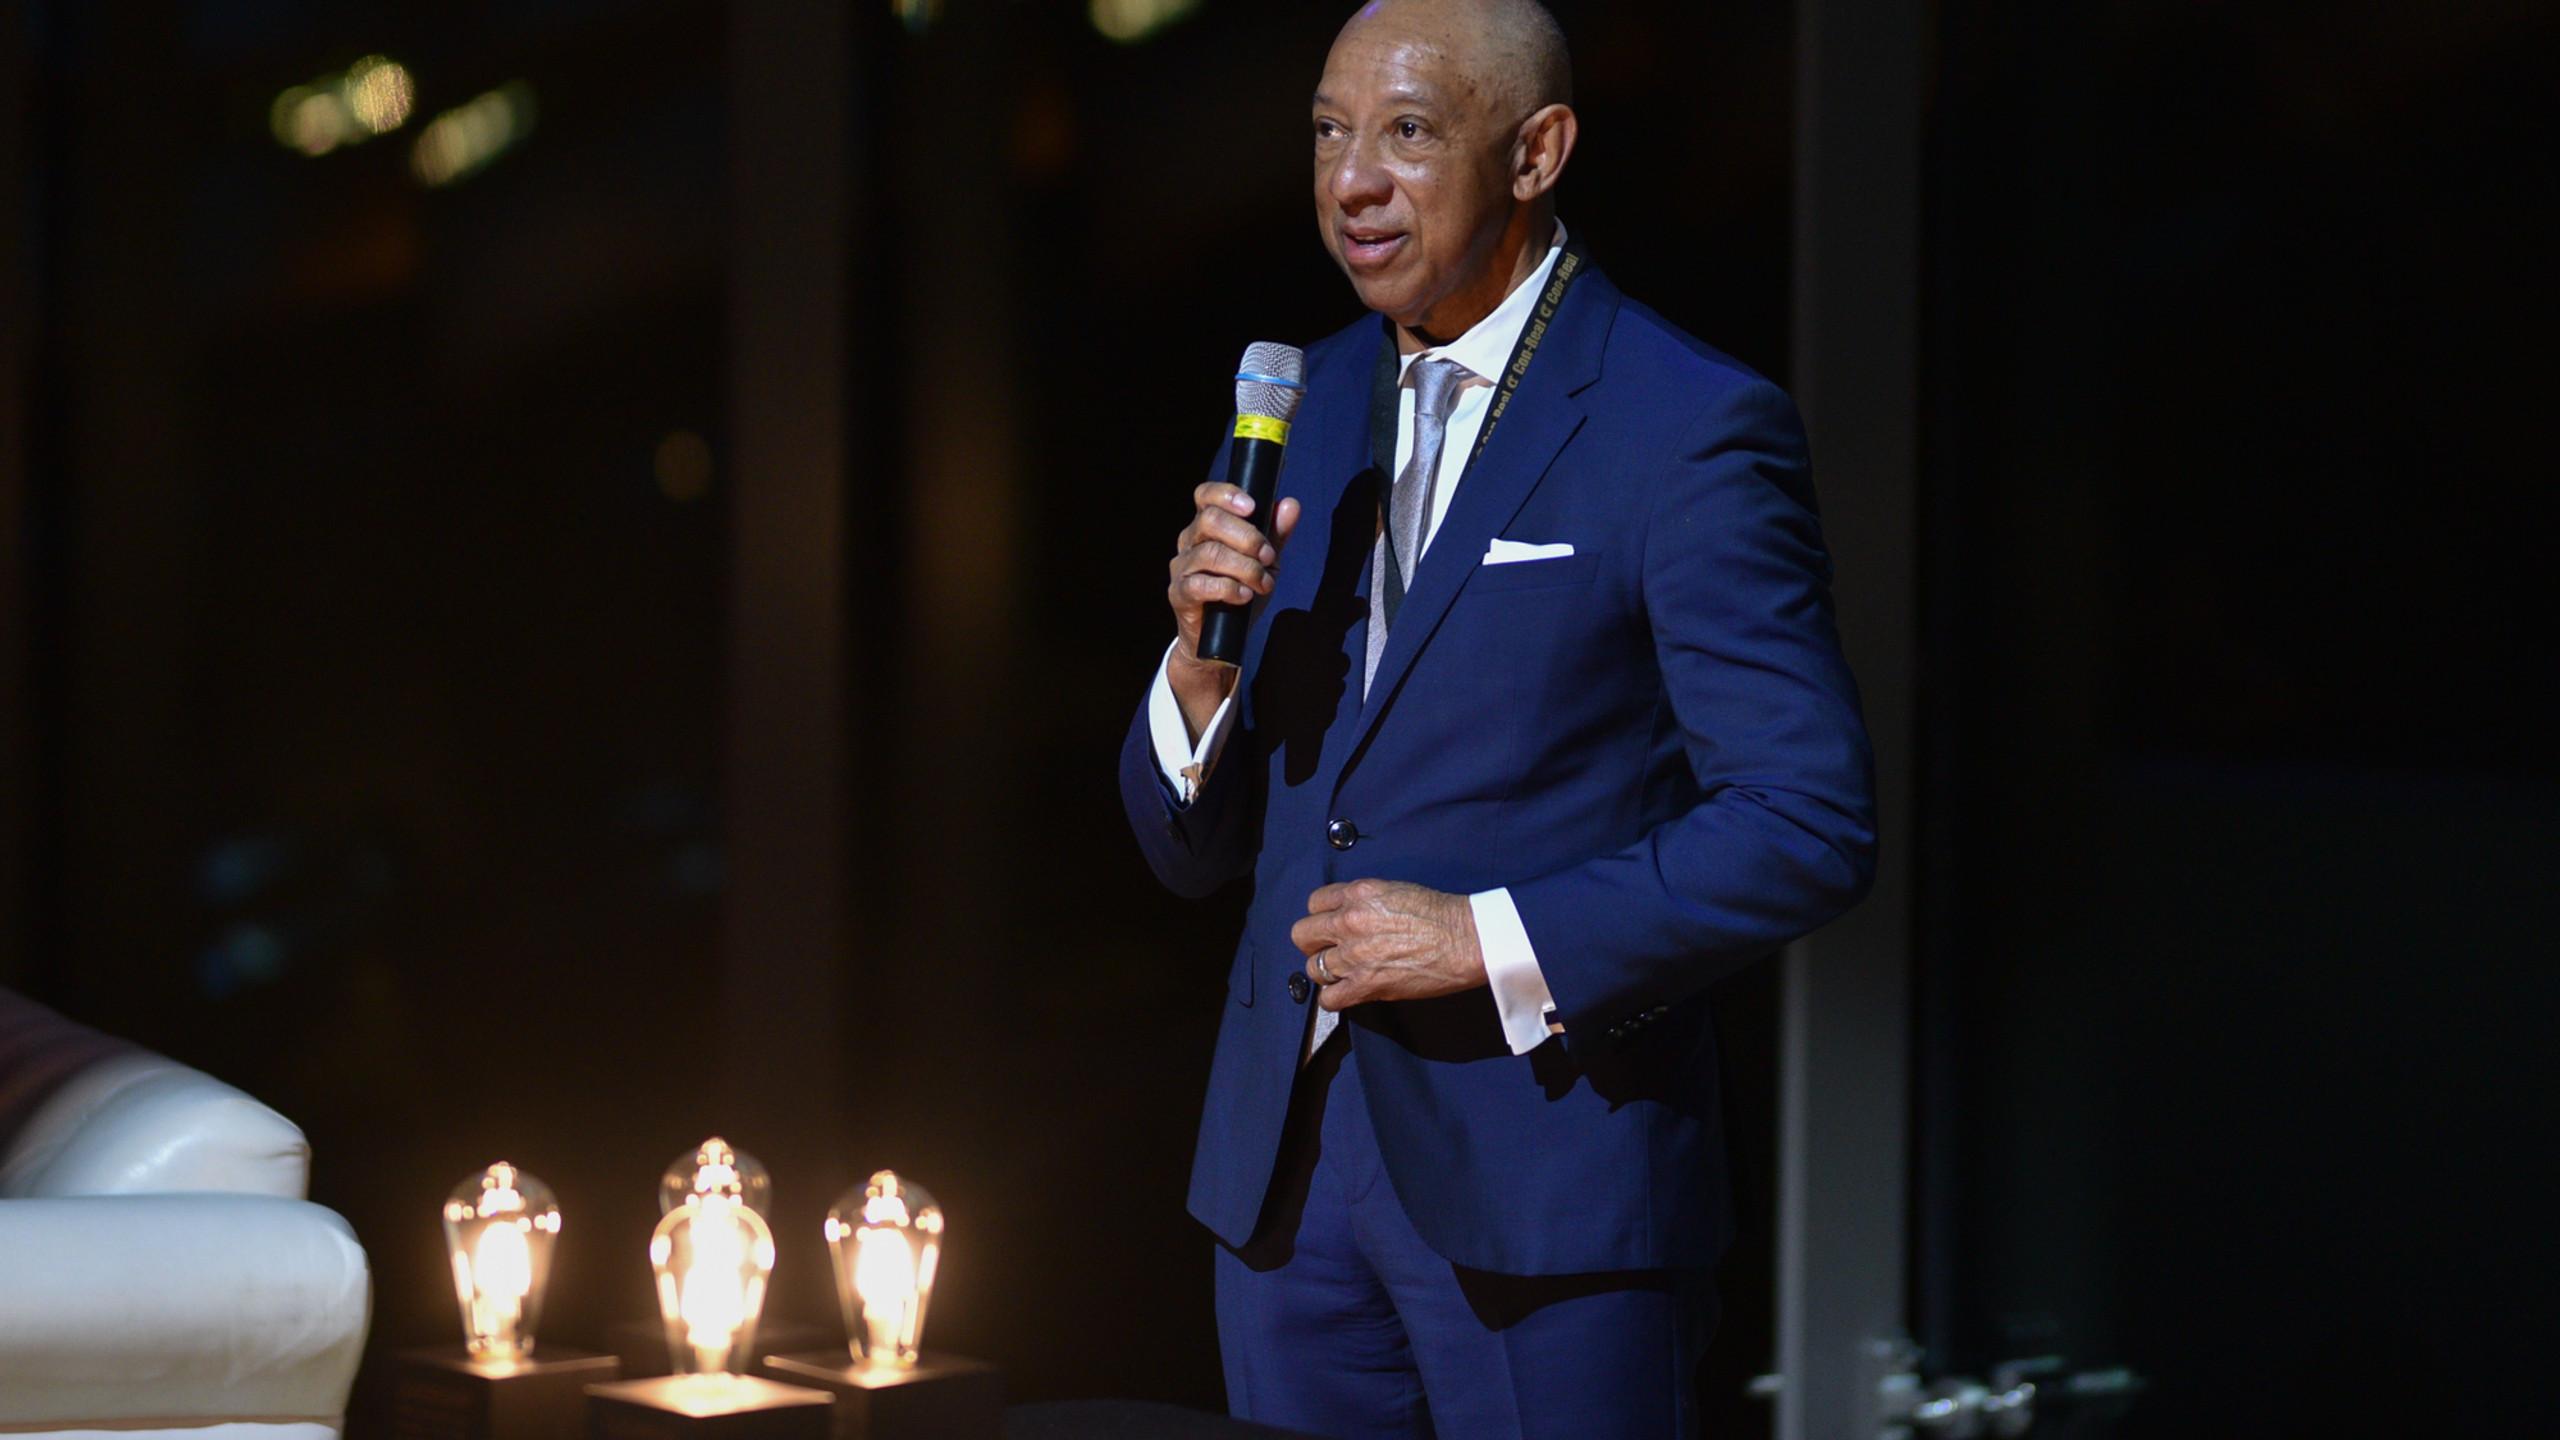 Con-Real CEO Gerald Alley presenting awards